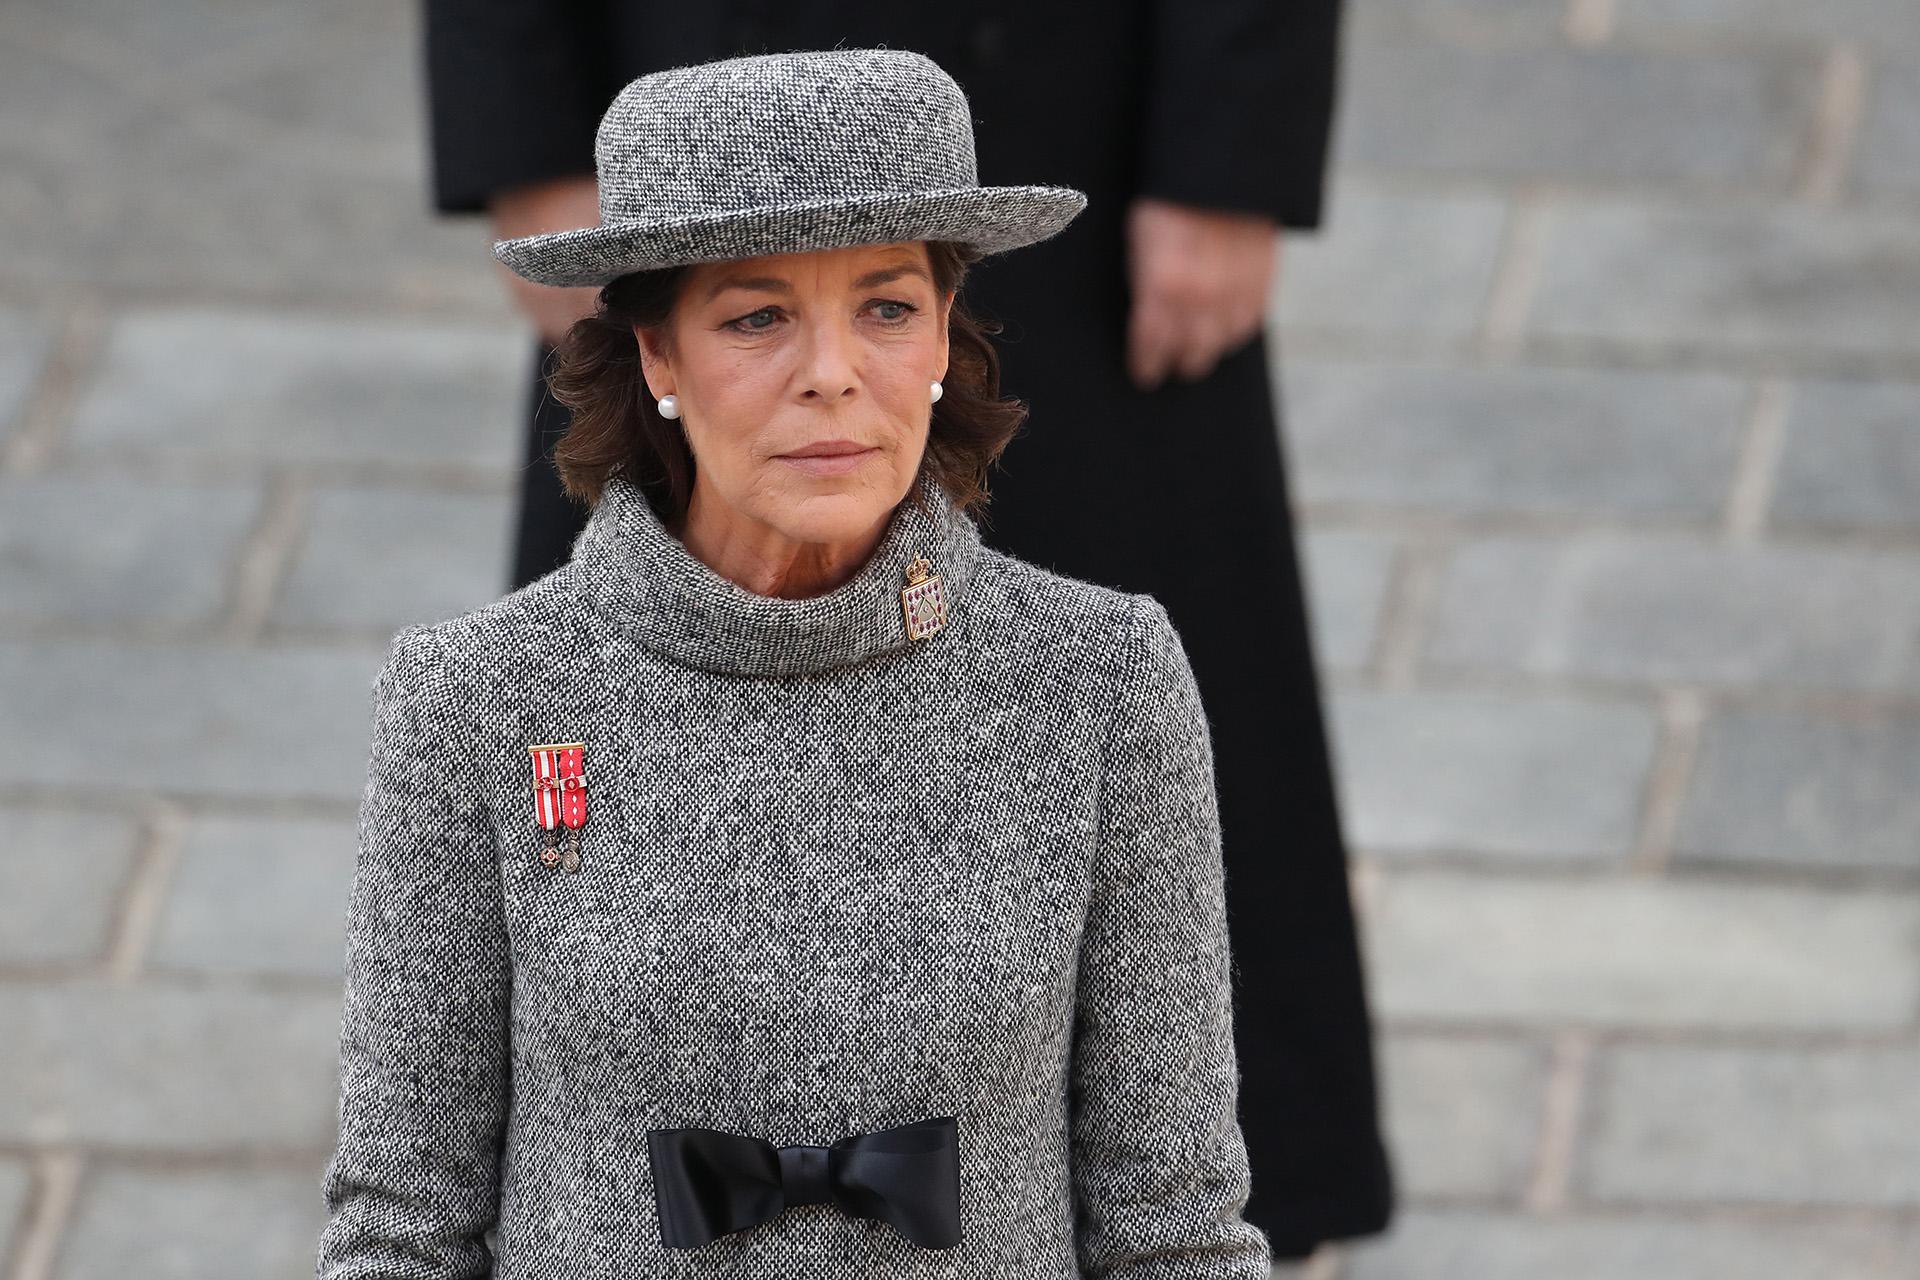 Carolina de Mónaco acompañó a su hermano y, una vez más, dio una clase magistral de glamour y estilo